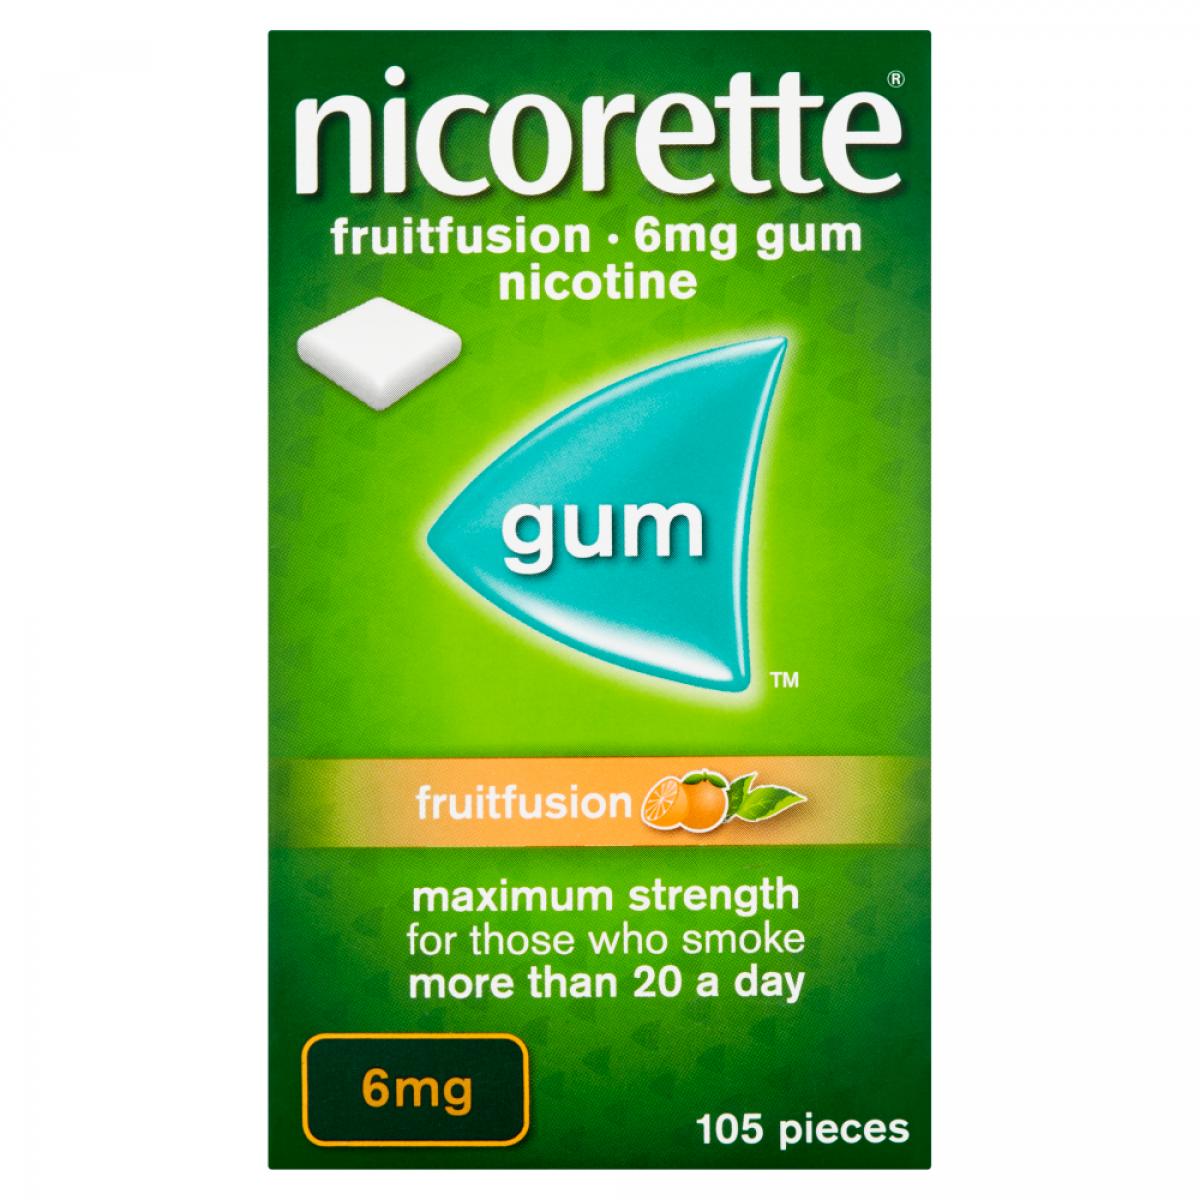 Nicorette Gum 6mg